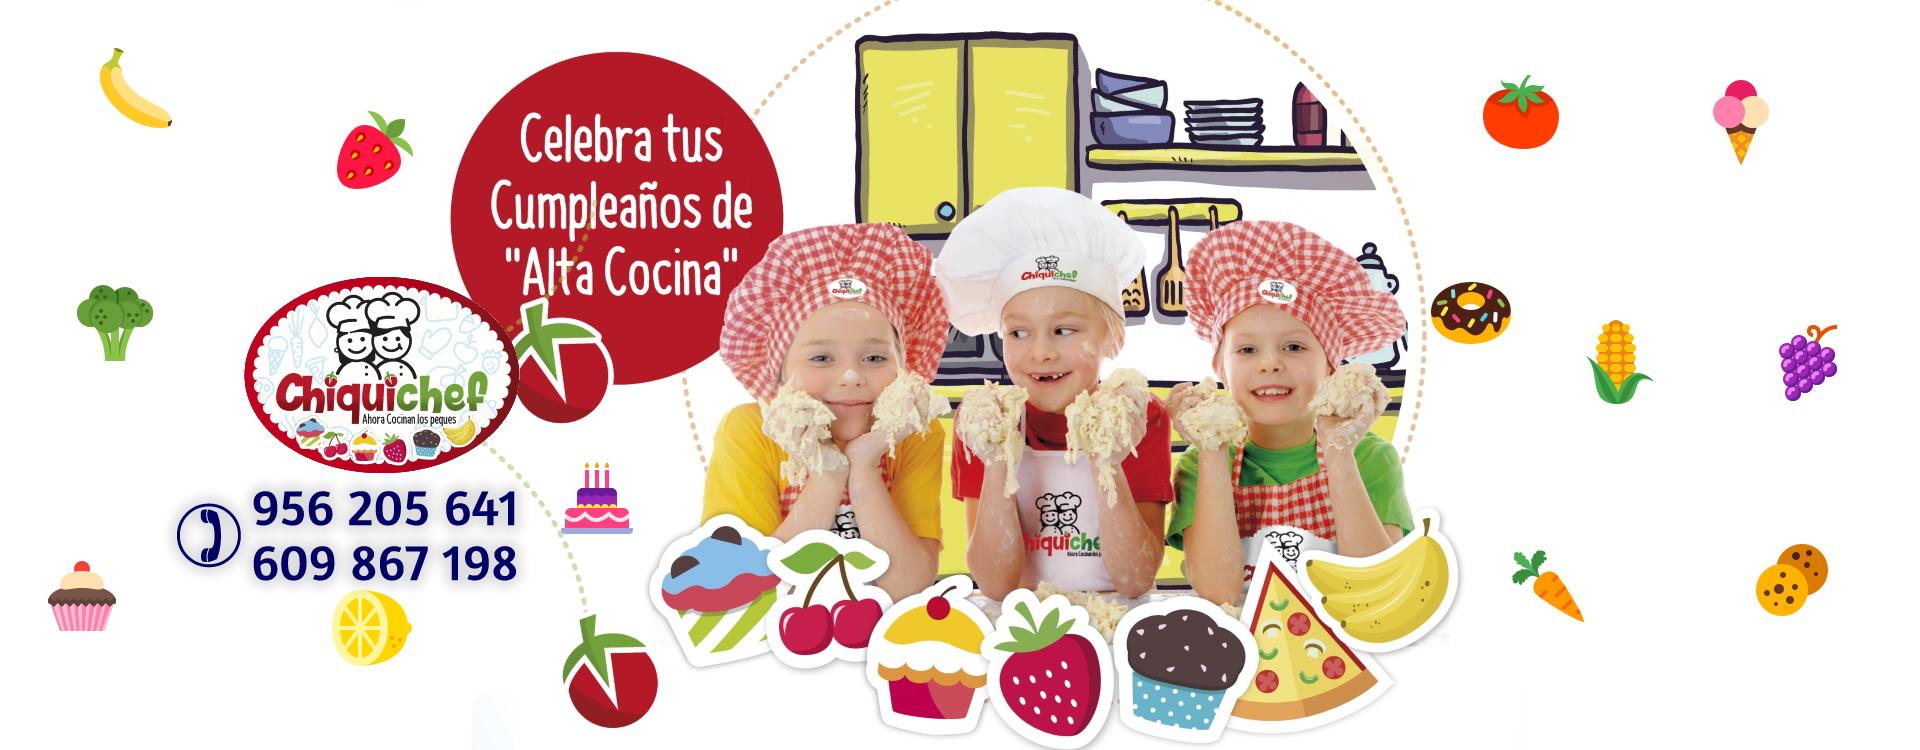 """Celebra tus cumpleaños de """"Alta Cocina"""" en Chiquichef"""